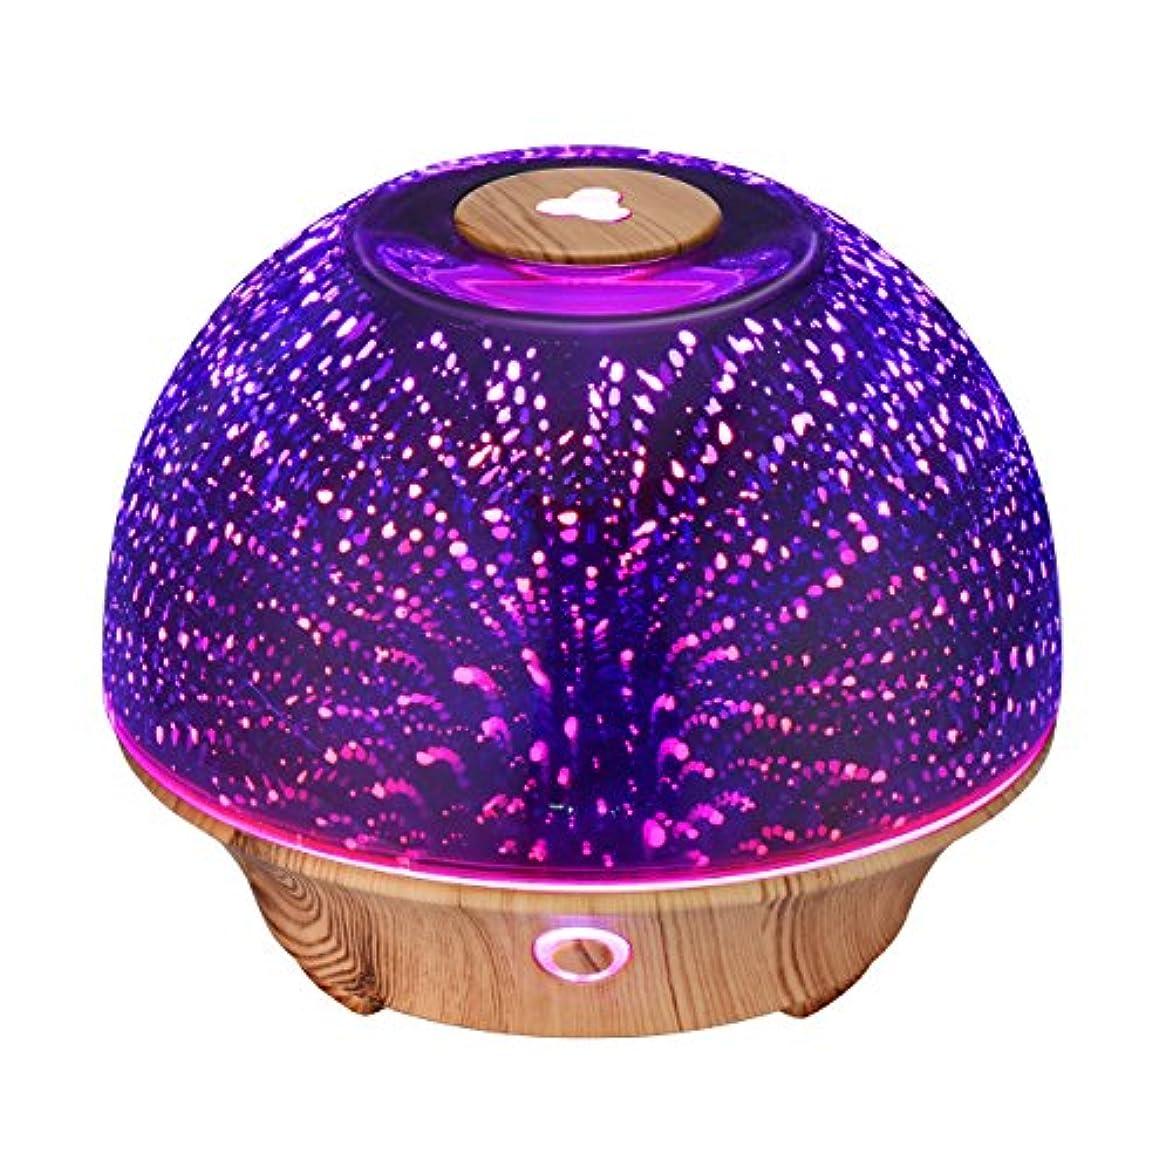 宣言人間ピューVicTsing Essential Oil Diffuser, 200ml 3D Effect Ultrasonic Aromatherapy Oil Humidifier with Starburst Fireworks...